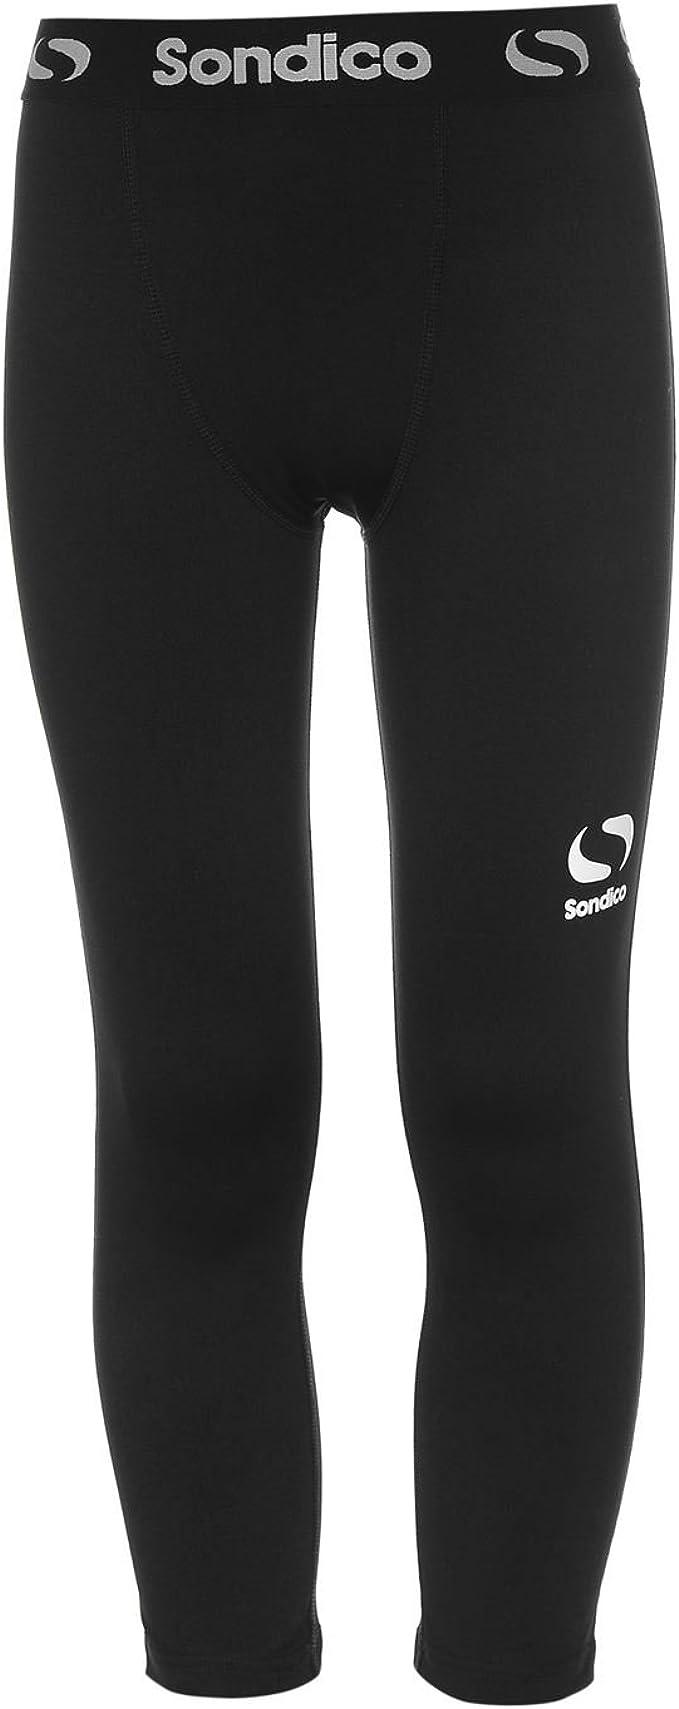 Sondico Jungen Core Baselayer Leggings Sport Training Rot 7-8 Jahre